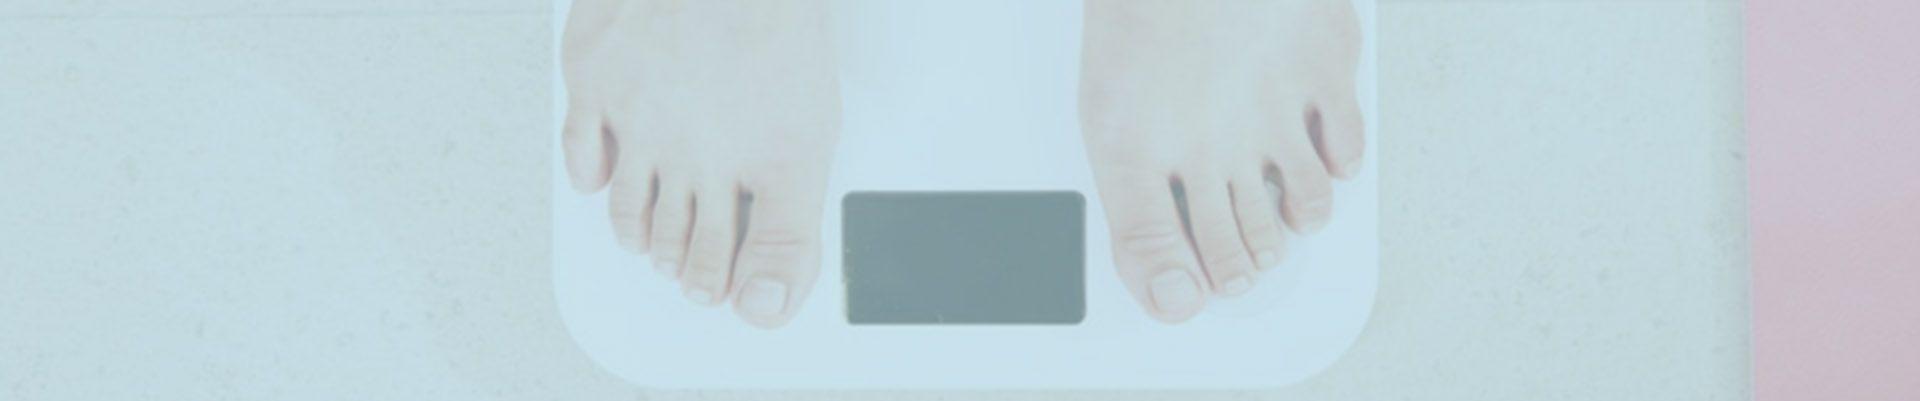 Dieta para reducir piernas y gluteos